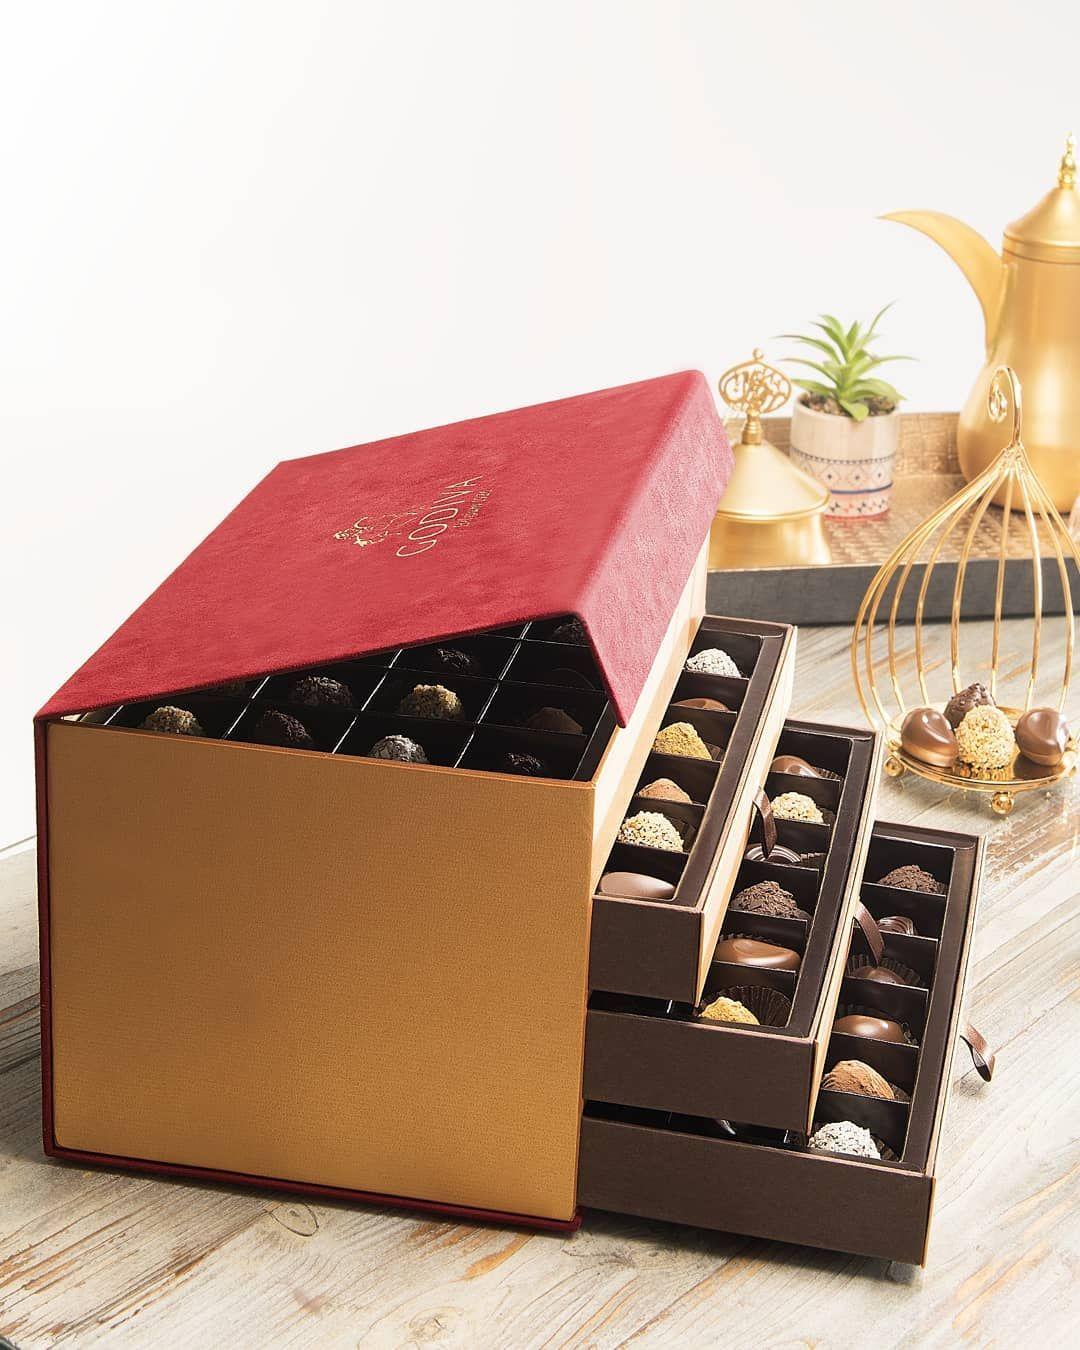 Client Godivaarabia Godiva Godiva Arabia Chocolate Berries Strawberry Raspberry Blueberry Cake Sincake Choco Je Chocolate Gifts Music Instruments